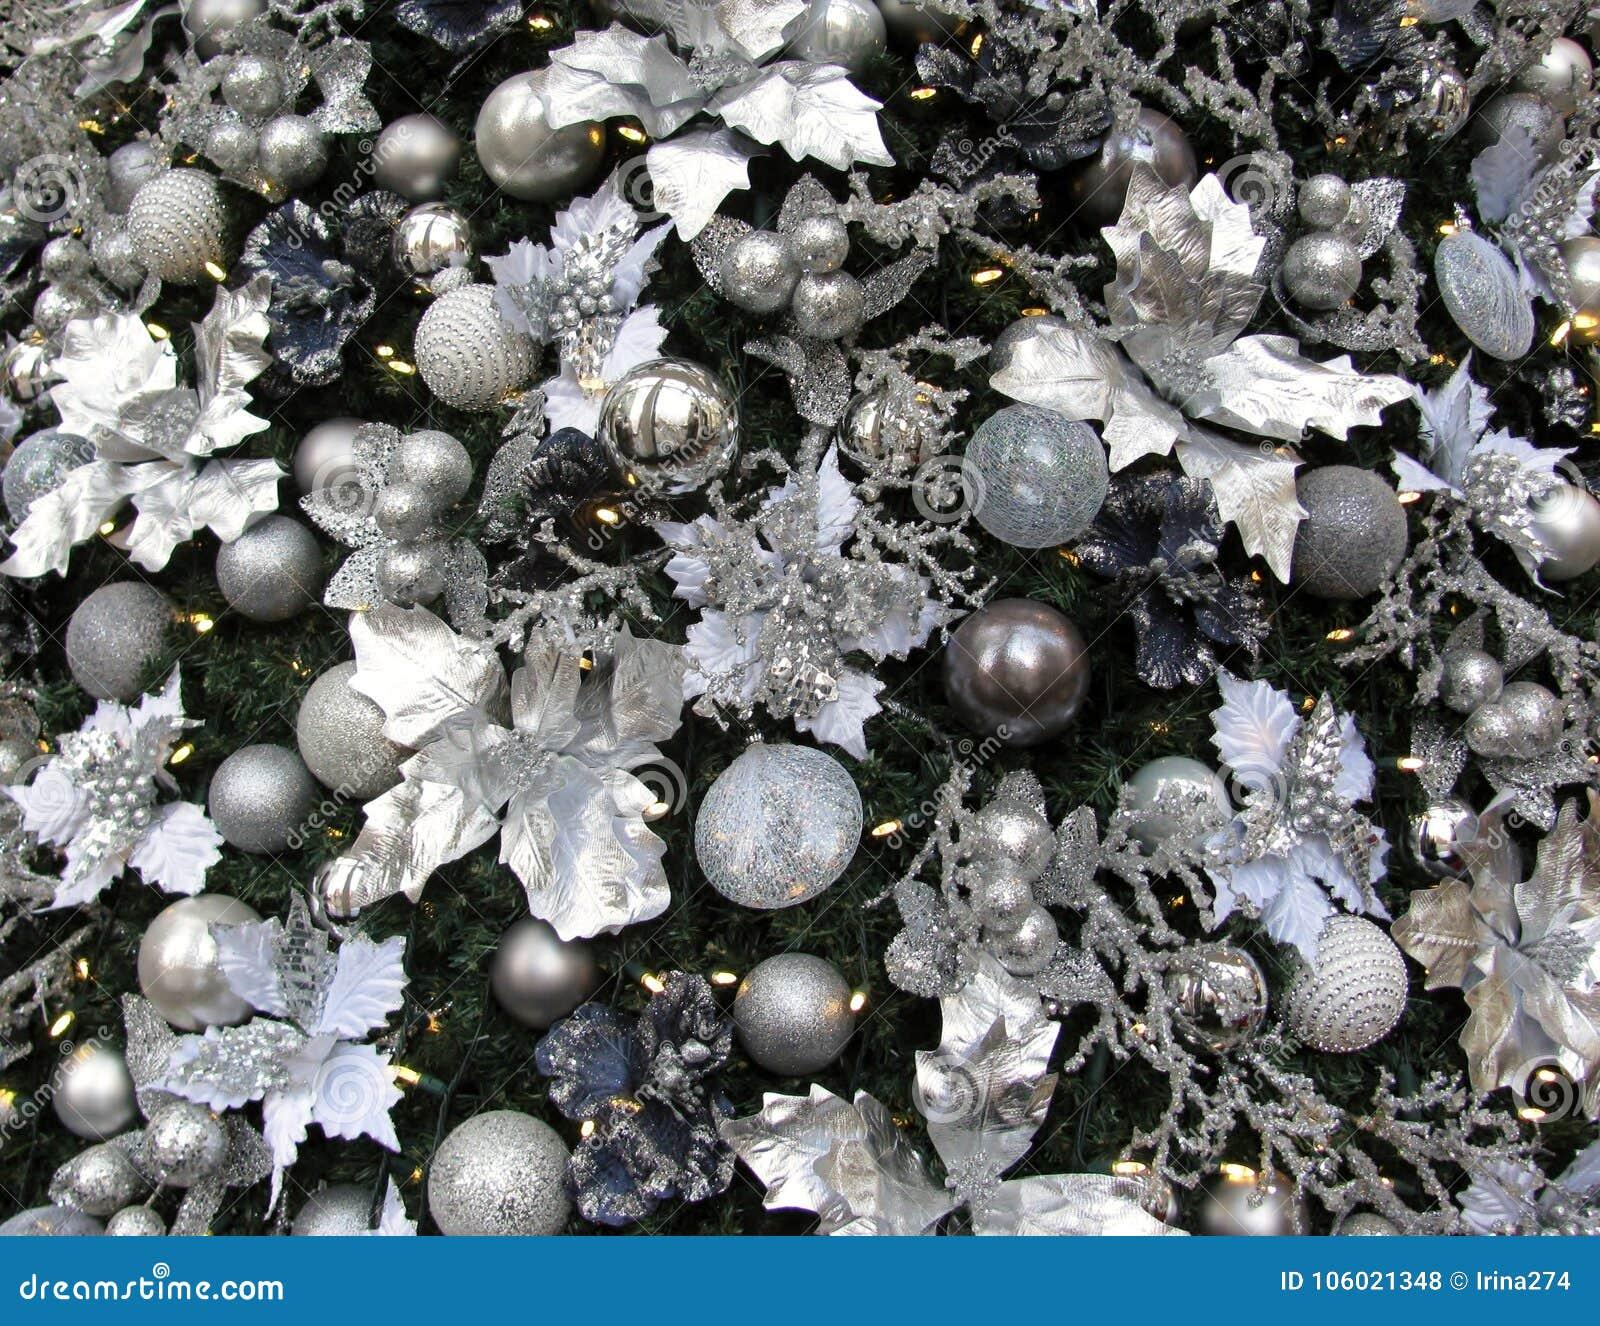 Albero Di Natale Argento E Bianco.Bianco Dell Albero Di Natale Argento E Decorazioni Blu Fotografia Stock Immagine Di Flangia Fiori 106021348